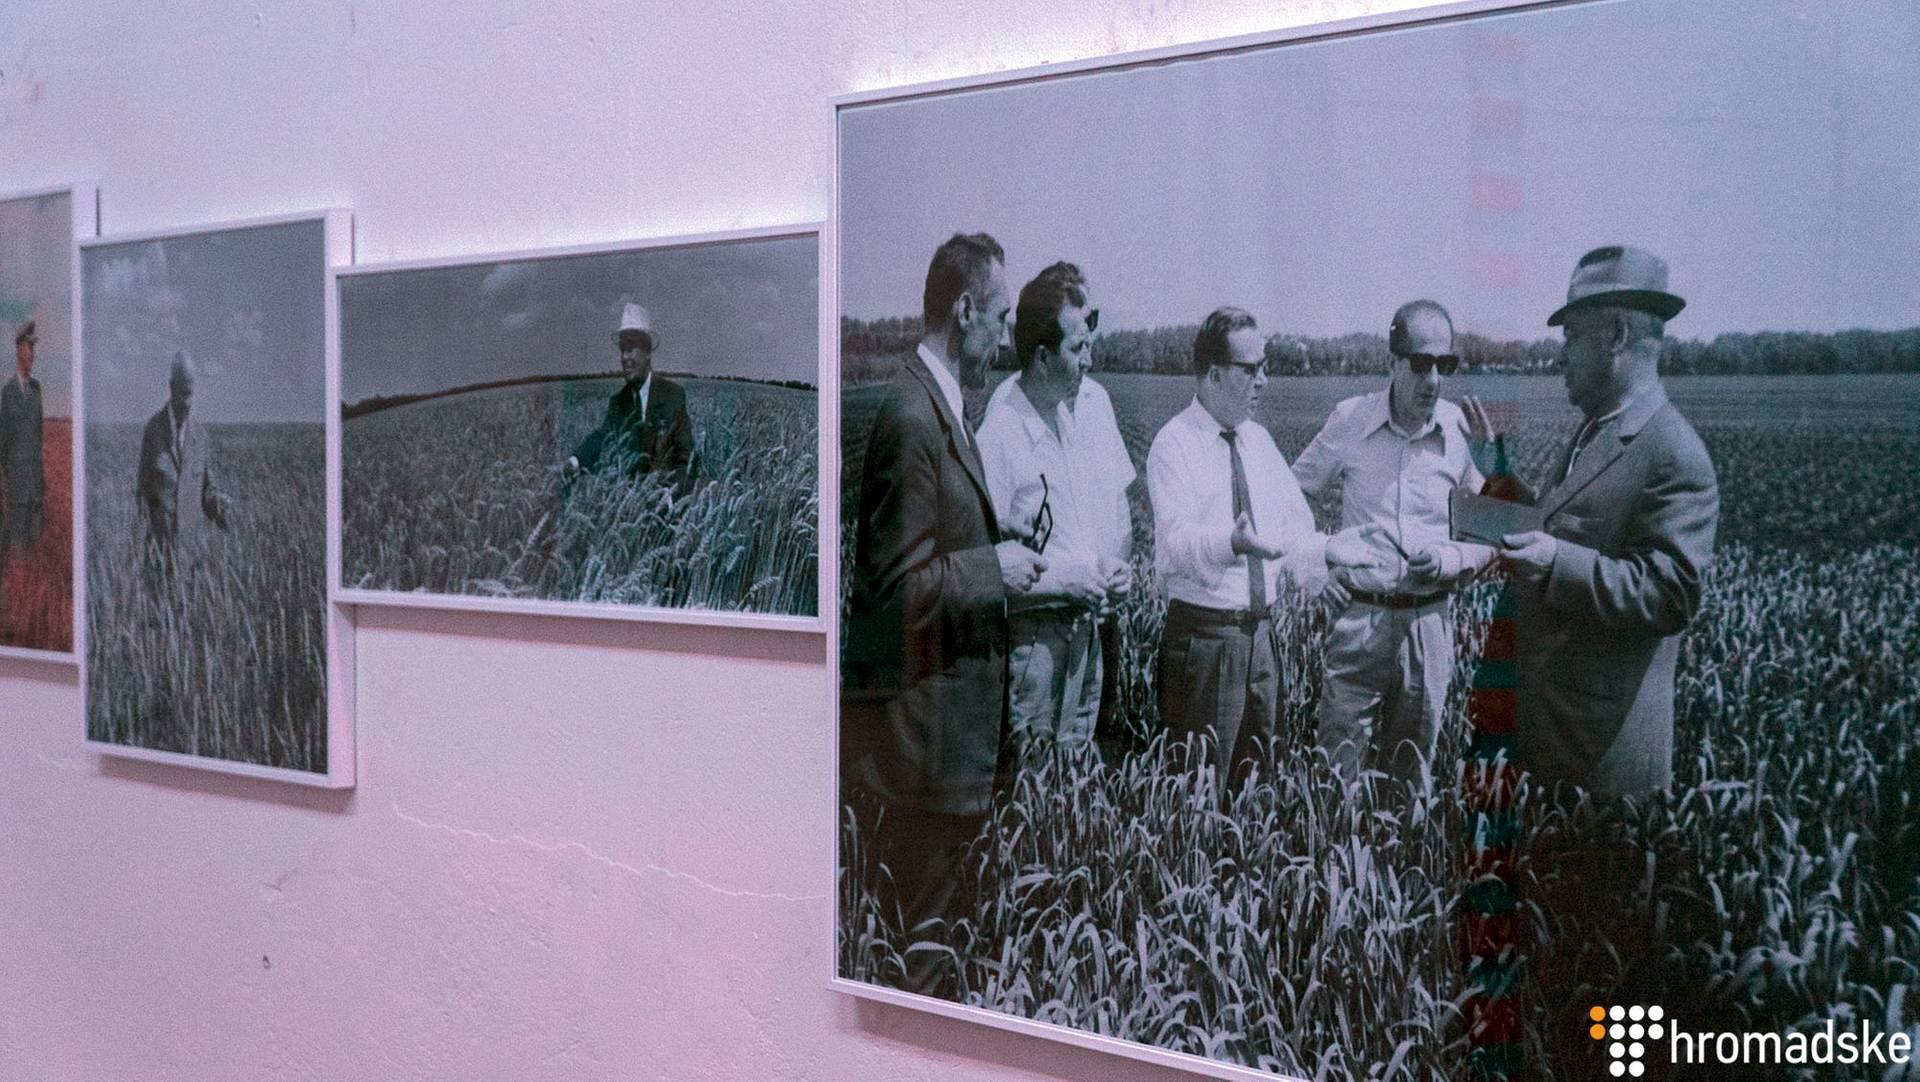 Микита Хрущов — перший секретар ЦК КПРС СРСР (1953-1964), на фото праворуч, під час огляду сільськогосподарських насаджень